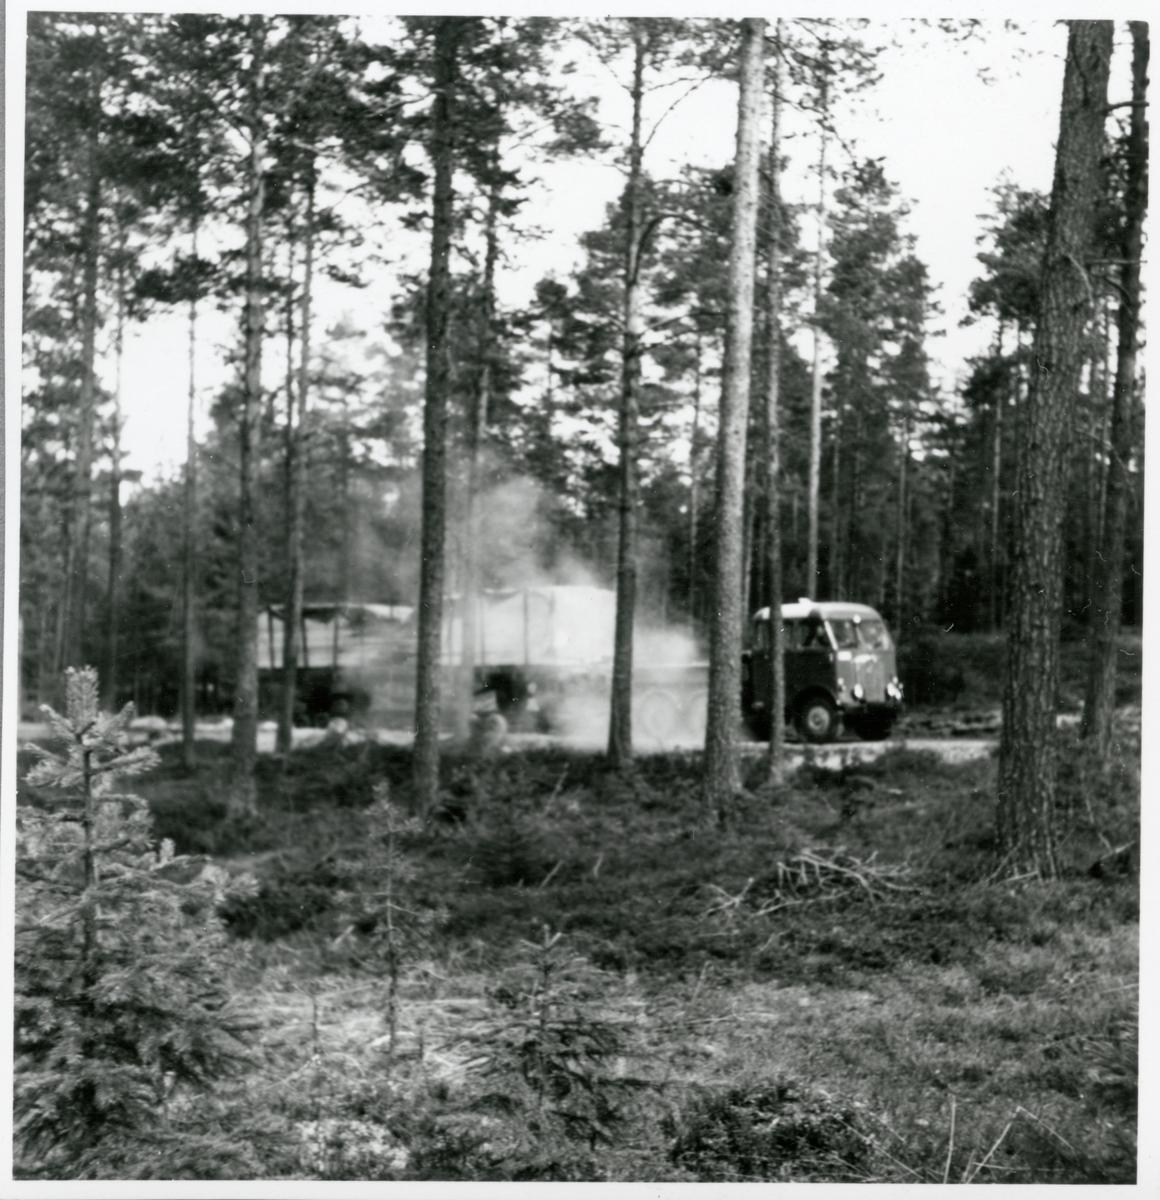 Godsvagn med brädor lastade transporteras med hjälp av vagnbjörn.